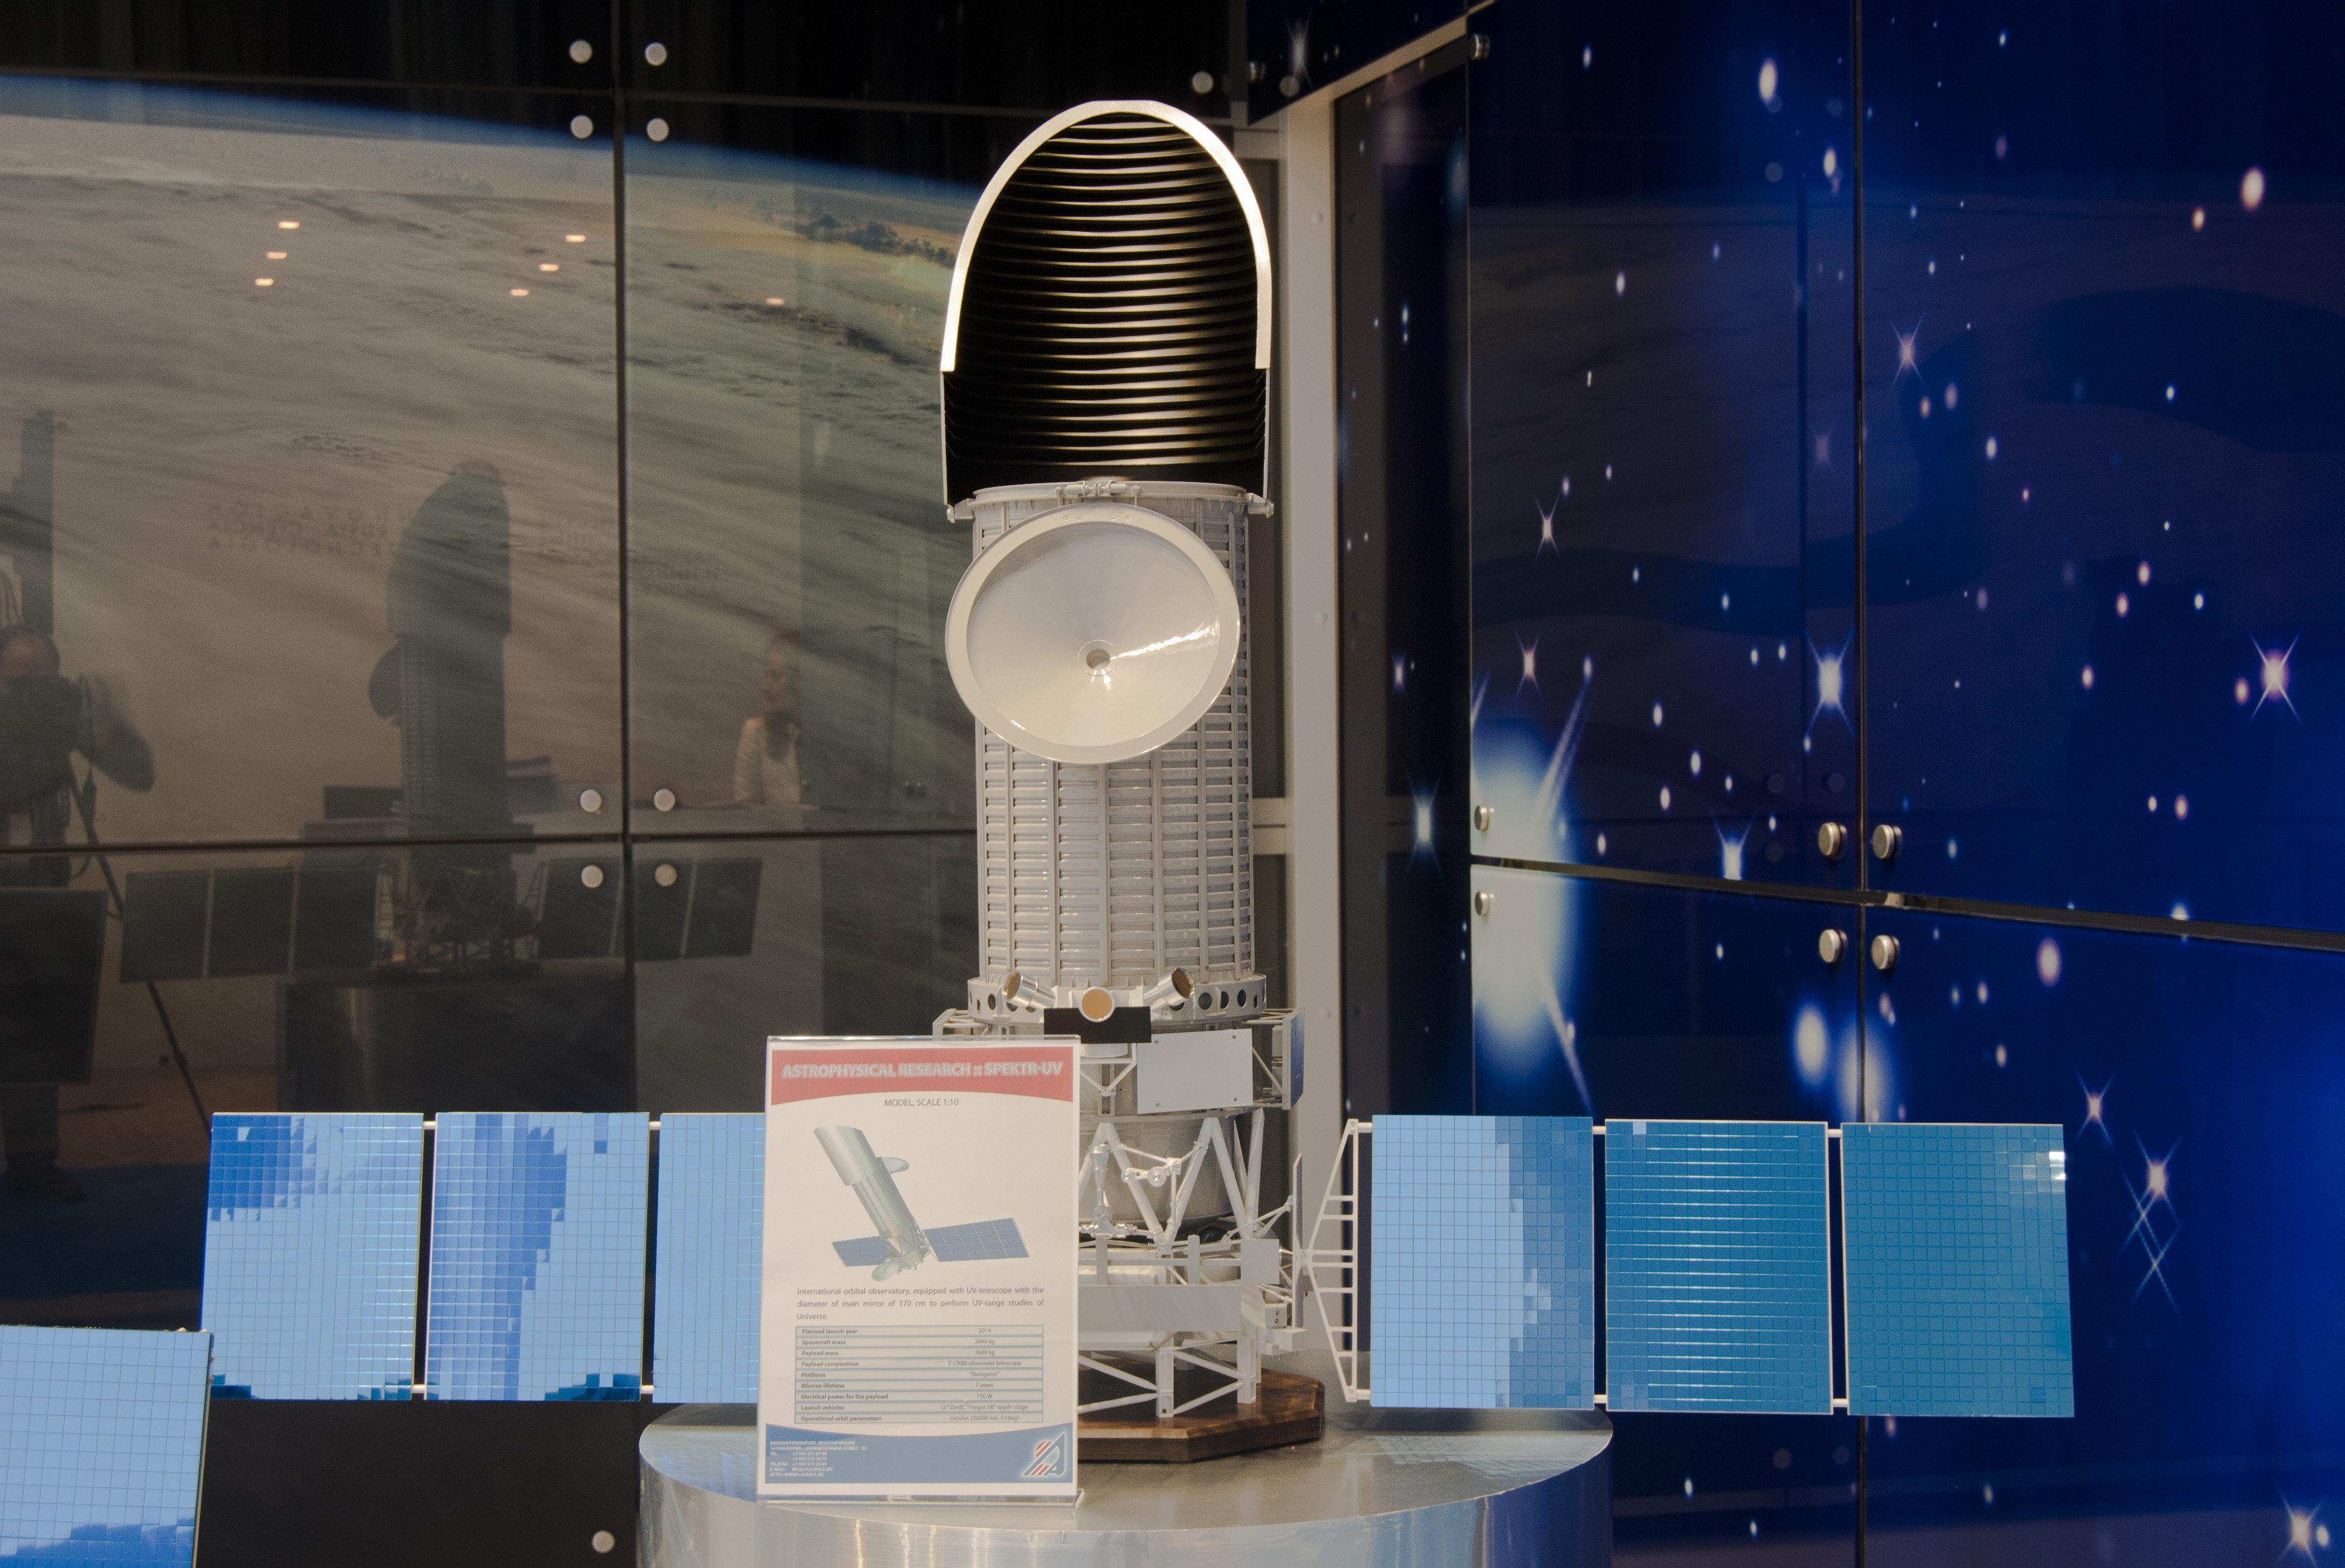 Maqueta del Observatorio Espacial Mundial Ultravioleta (WSO-UV) expuesto en la Semana del Espacio en Madrid, mayo de 2011